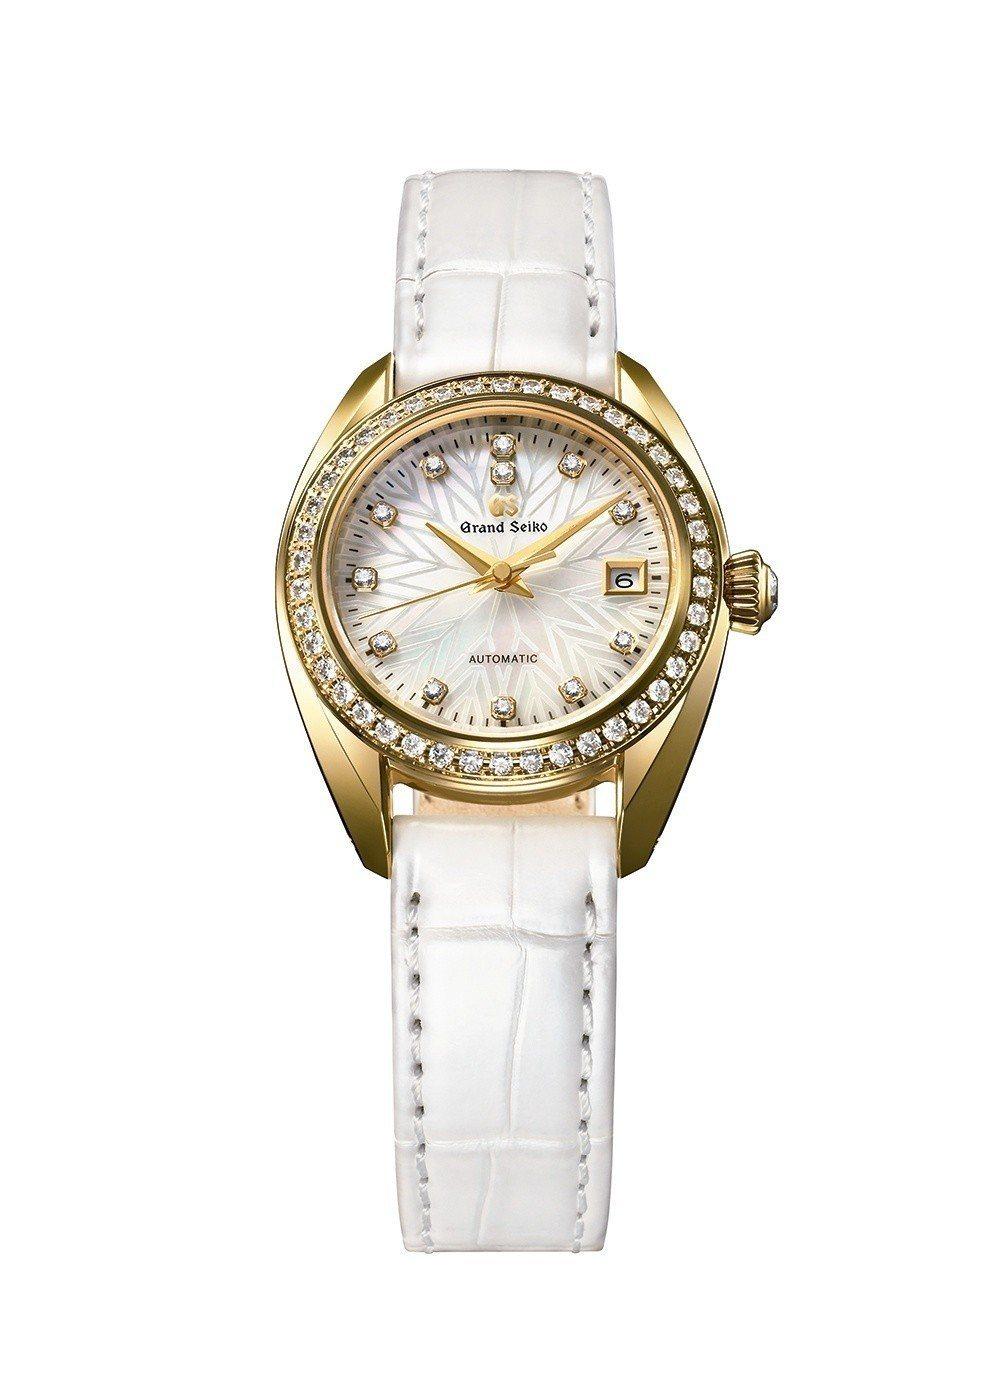 Grand Seiko女士自動上鍊腕表,18K黃金表殼,搭配鑲鑽表圈,約100萬...